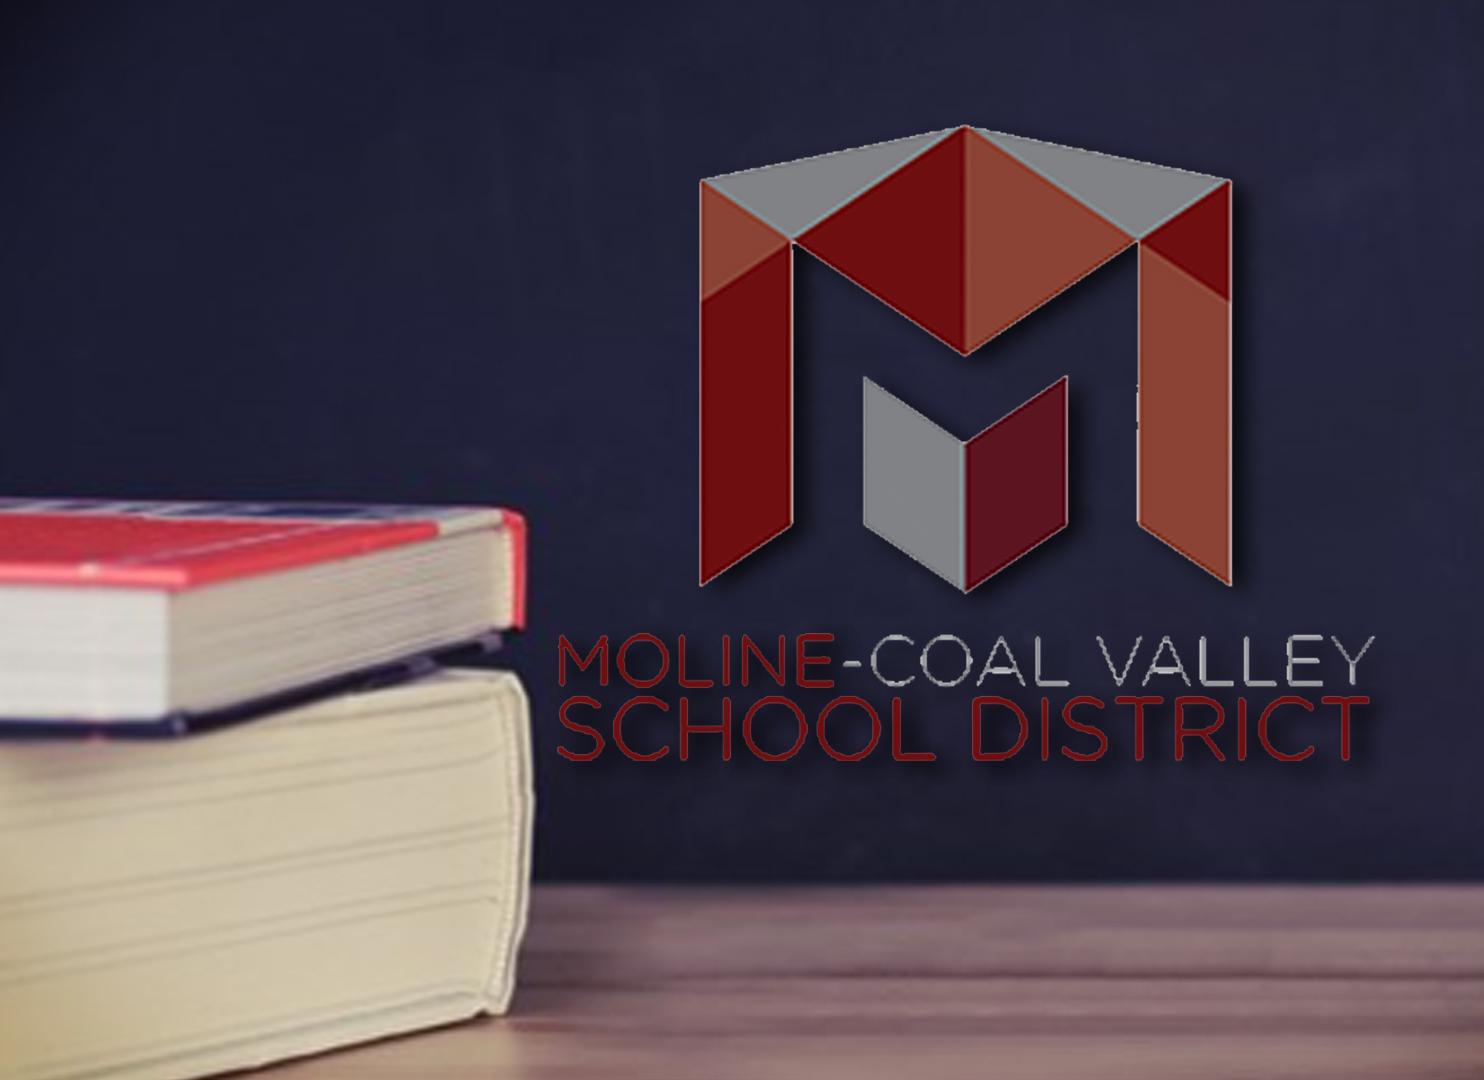 Moline Coal Valley Schools_1493264099188.jpg